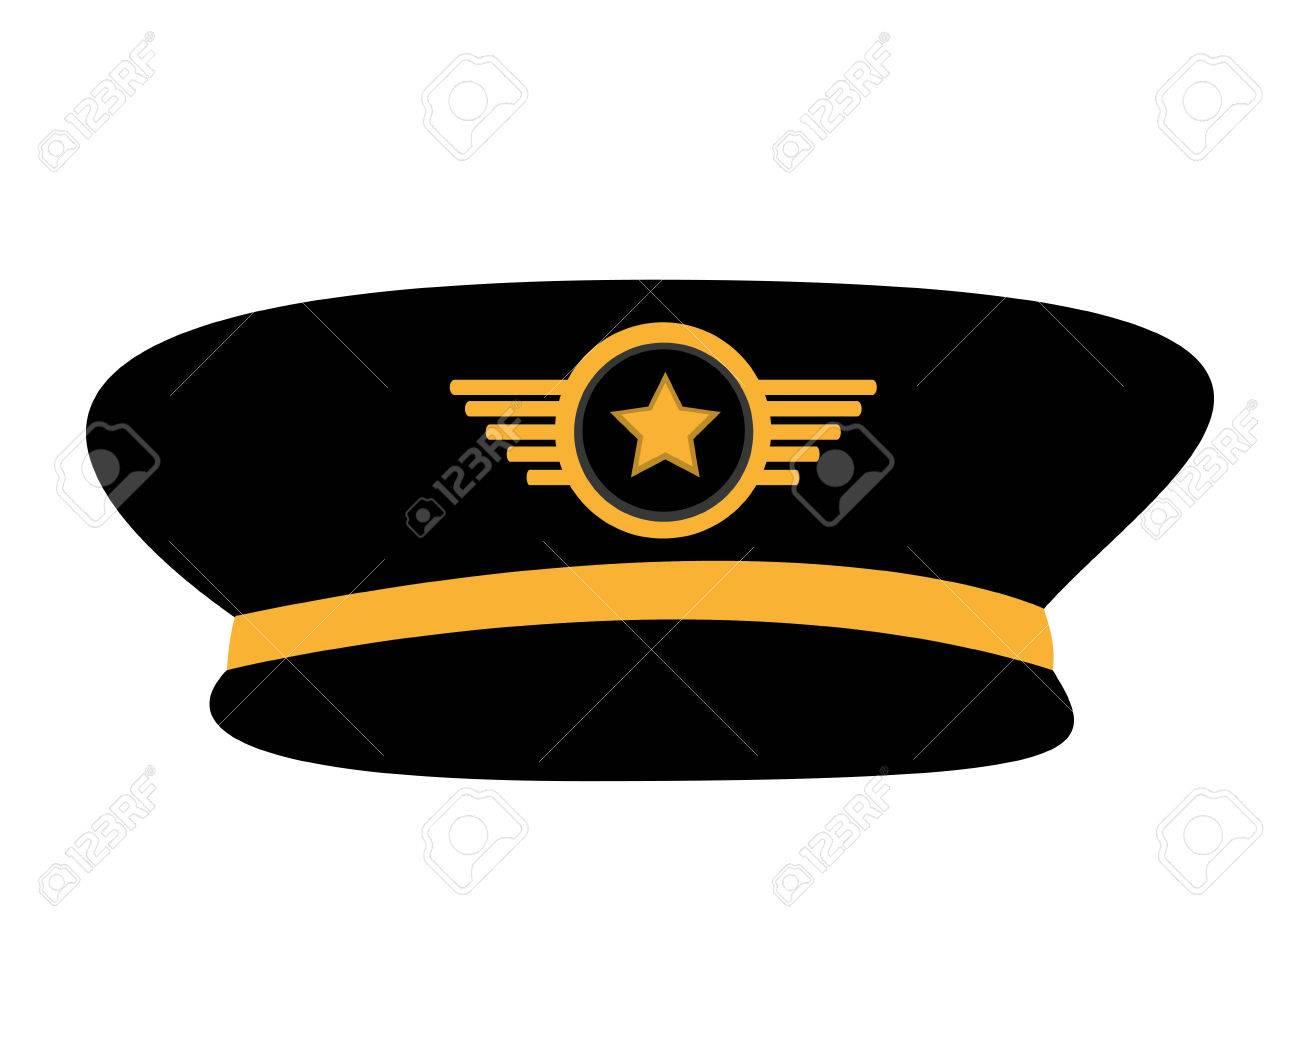 Piloto De Avión Sombrero Uniforme Vector, Ilustración, Diseño ...